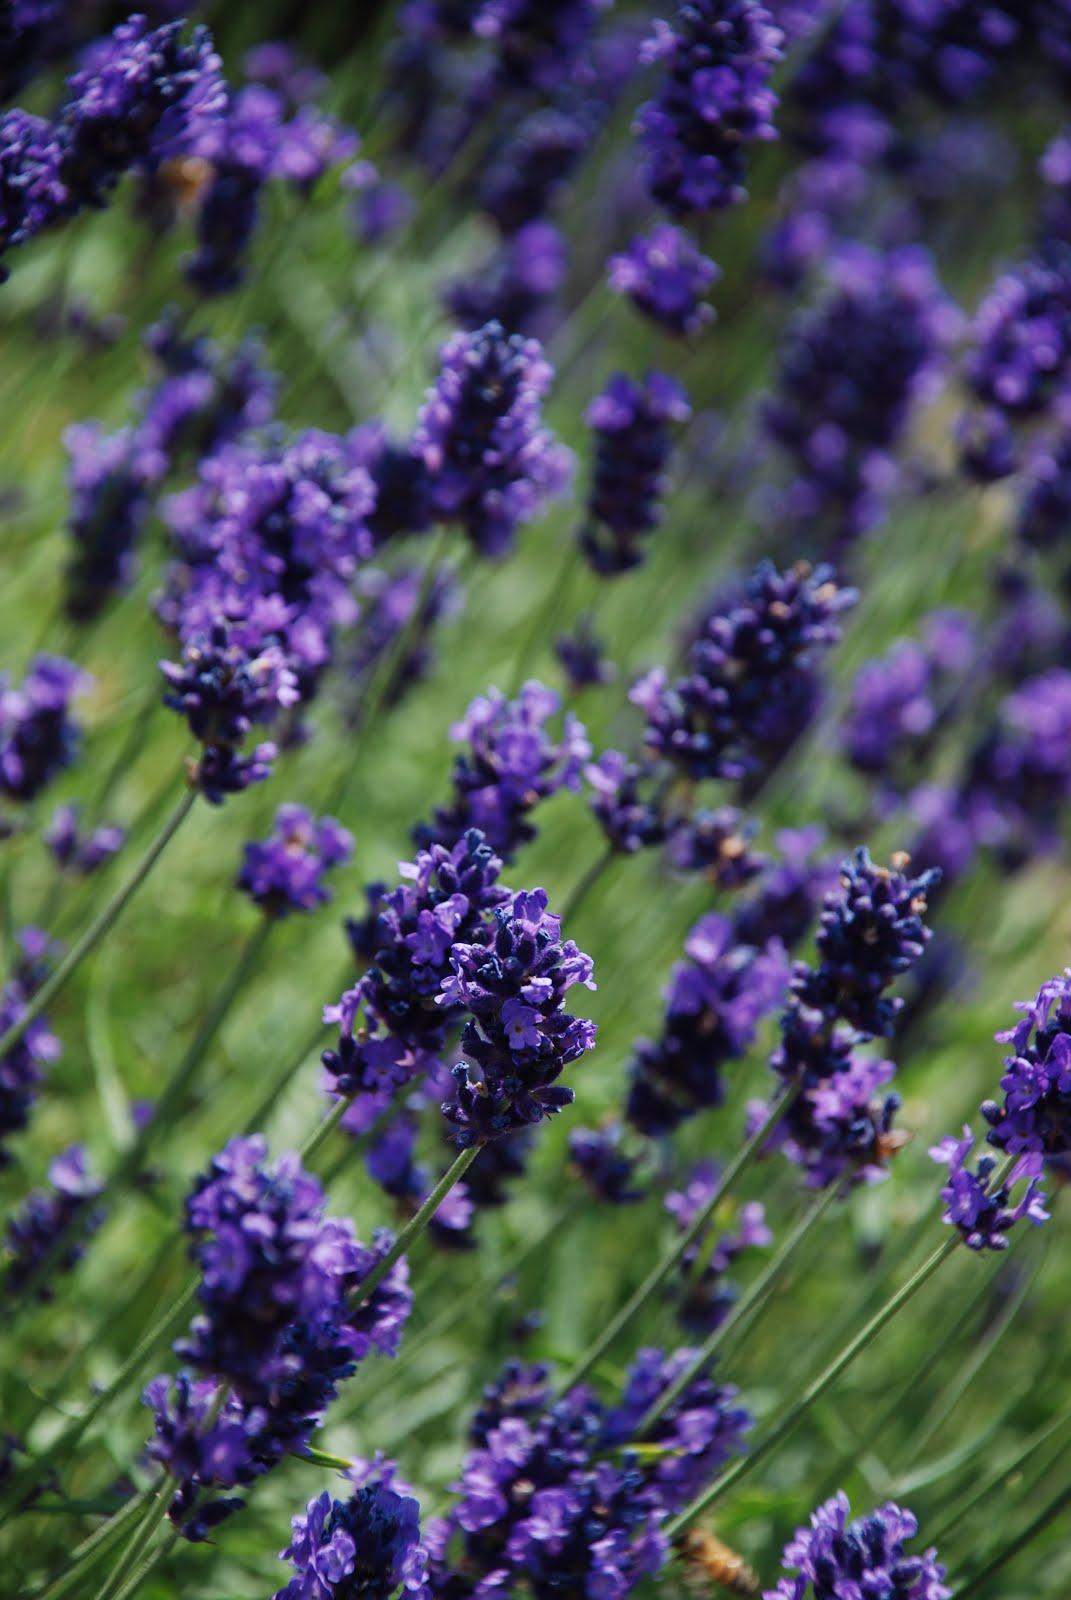 Lavendel sommardoft